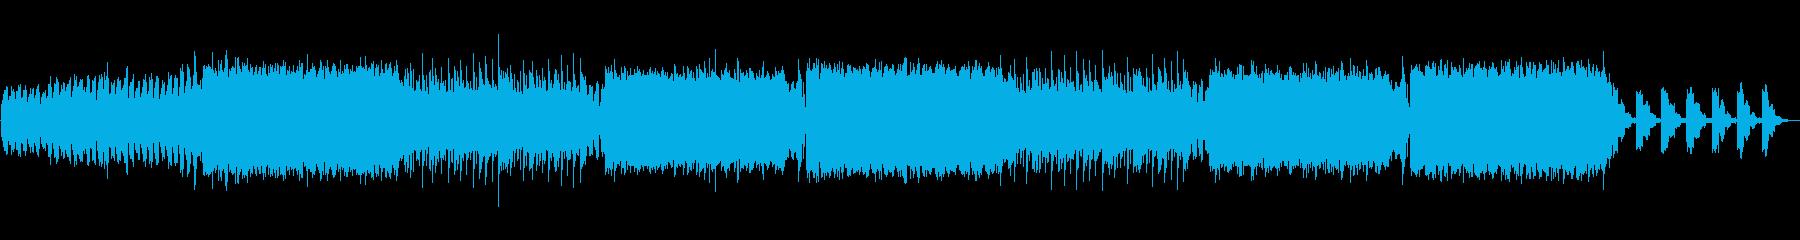 激しいインパクトダブステップエンディングの再生済みの波形